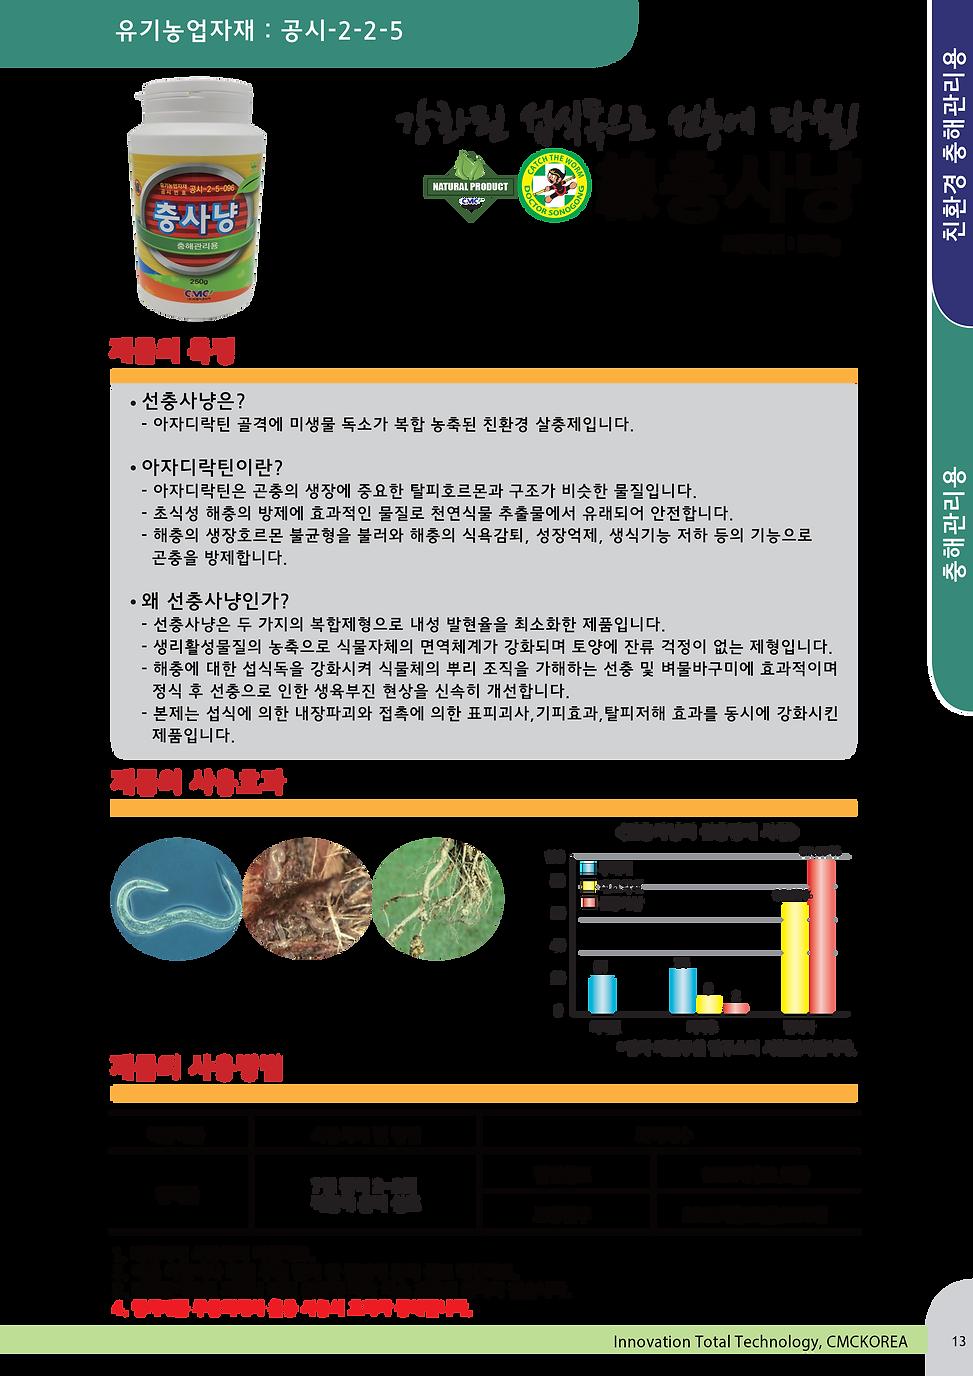 12-13페이지(-충사냥분제).png